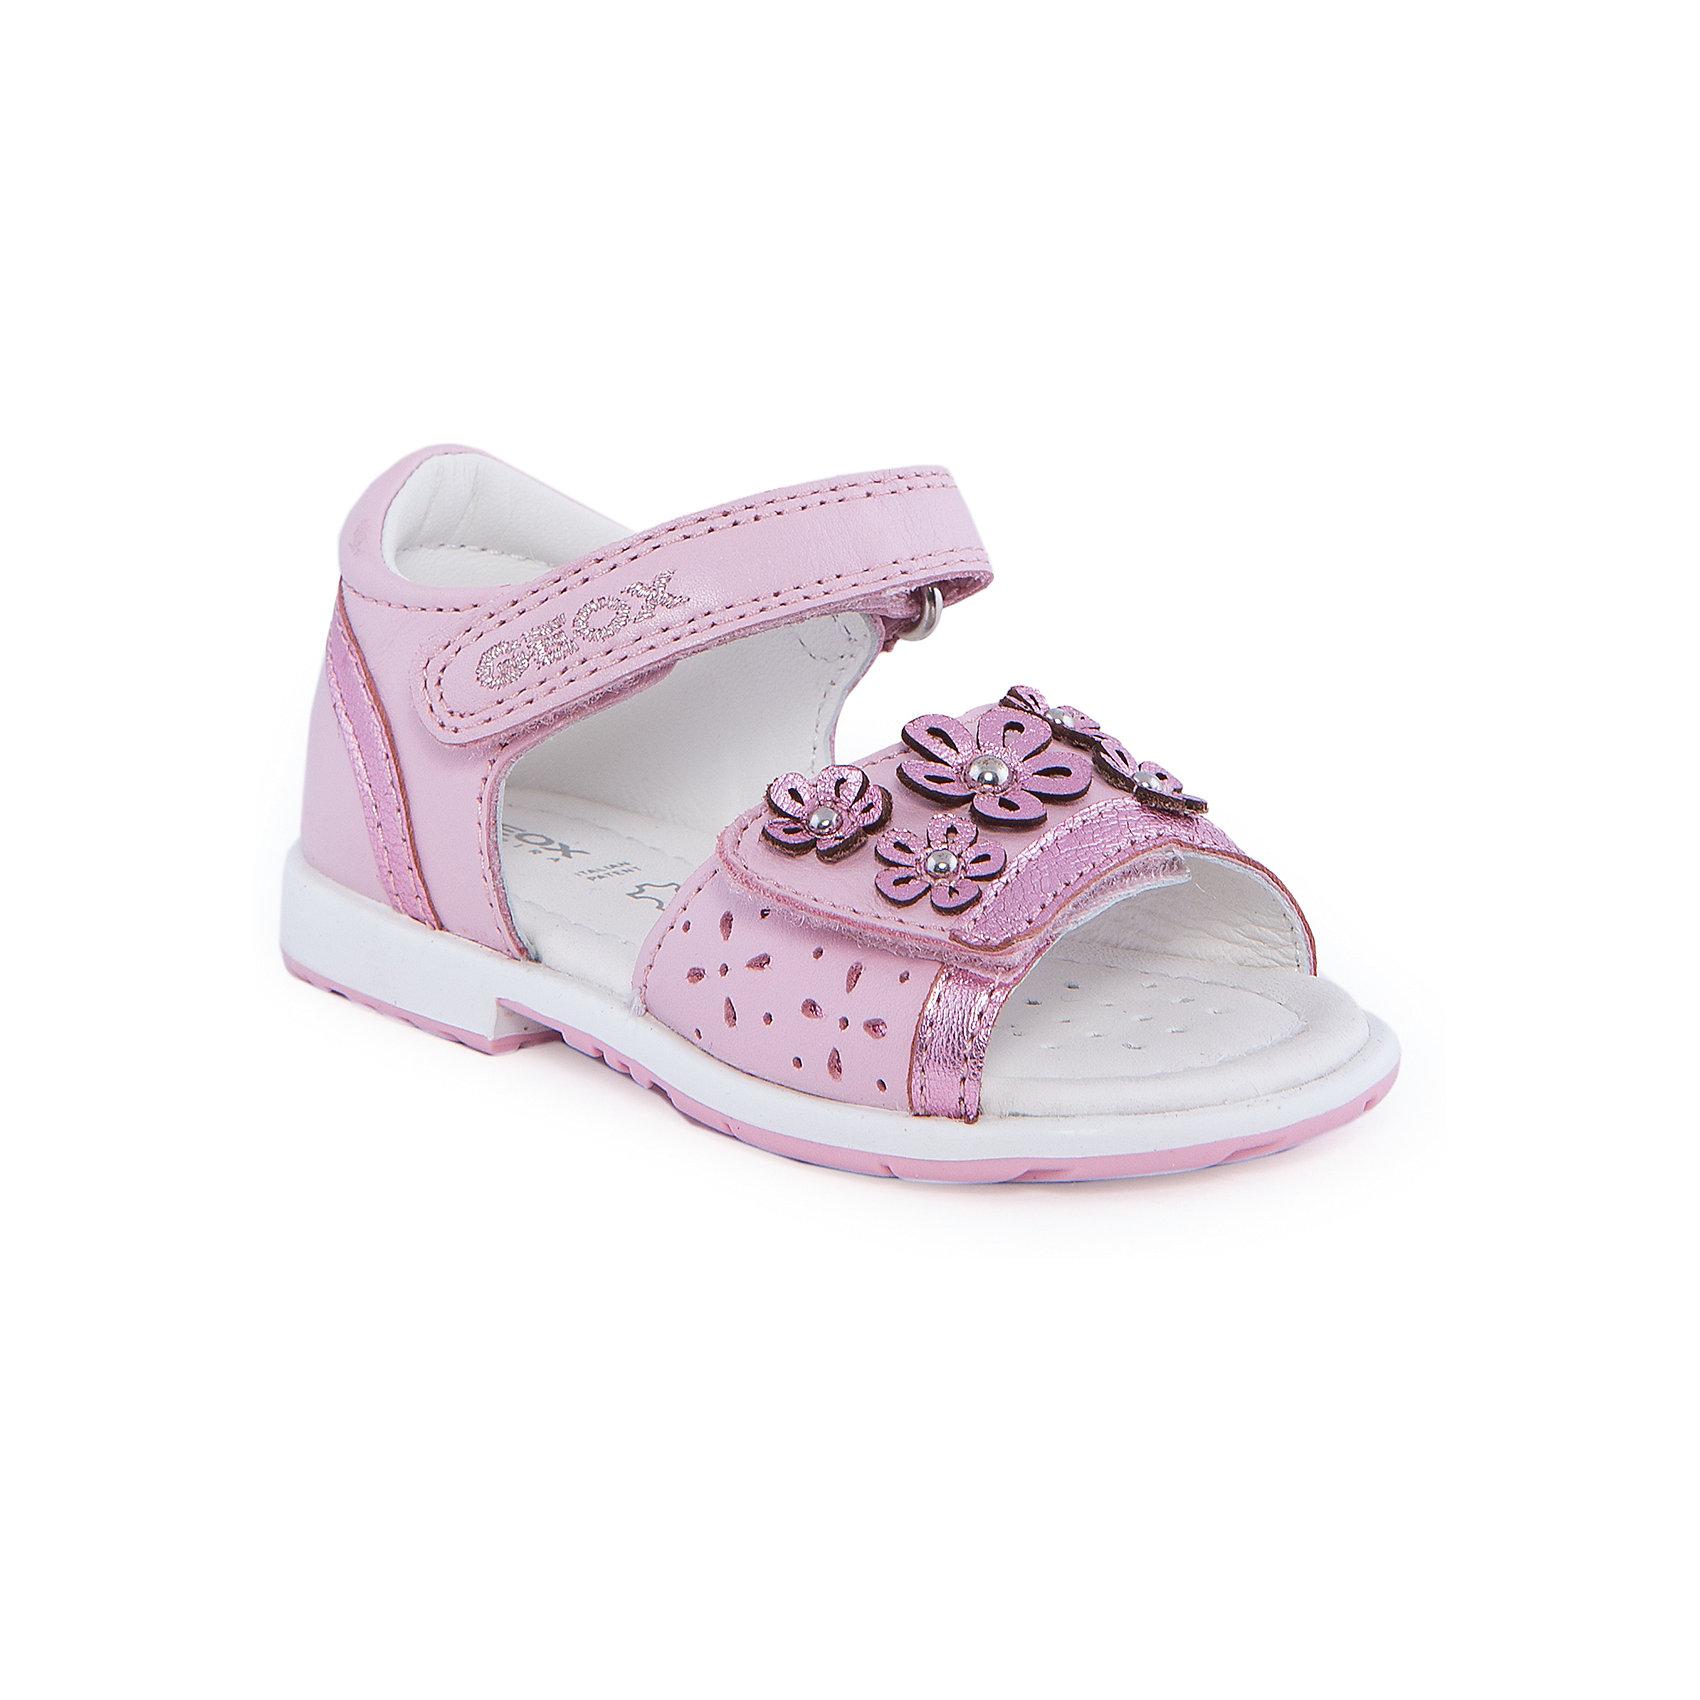 Босоножки для девочки GEOXБосоножки для девочки от популярной марки GEOX (Геокс).<br><br>Блестящие легкие босоножки - отличная обувь для нового летнего сезона. Эта модель создана специально для девочек, она очень стильно и оригинально смотрится.<br>Производитель обуви заботится не только о внешнем виде, но и стабильно высоком качестве продукции. GEOX (Геокс) разработал специальную высокотехнологичную стельку. Вся обувь делается только из качественных и надежных материалов.<br><br>Отличительные особенности модели:<br><br>- цвет: розовый;<br>- декорирована аппликацией, блестящими вставками и вышивкой;<br>- гибкая прочная подошва;<br>- мягкий и легкий верх;<br>- защита пятки;<br>- стильный дизайн;<br>- анатомическая стелька;<br>- удобные застежки - липучки;<br>- комфортное облегание.<br><br>Дополнительная информация:<br><br>- Сезон: весна/лето.<br><br>- Состав:<br><br>материал верха: натуральная кожа;<br>стелька: натуральная кожа;<br>подошва: полимер.<br><br>Босоножки для девочки GEOX (Геокс) можно купить в нашем магазине.<br><br>Ширина мм: 219<br>Глубина мм: 154<br>Высота мм: 121<br>Вес г: 343<br>Цвет: розовый<br>Возраст от месяцев: 18<br>Возраст до месяцев: 21<br>Пол: Женский<br>Возраст: Детский<br>Размер: 23,24,22,25,27,26<br>SKU: 4519513